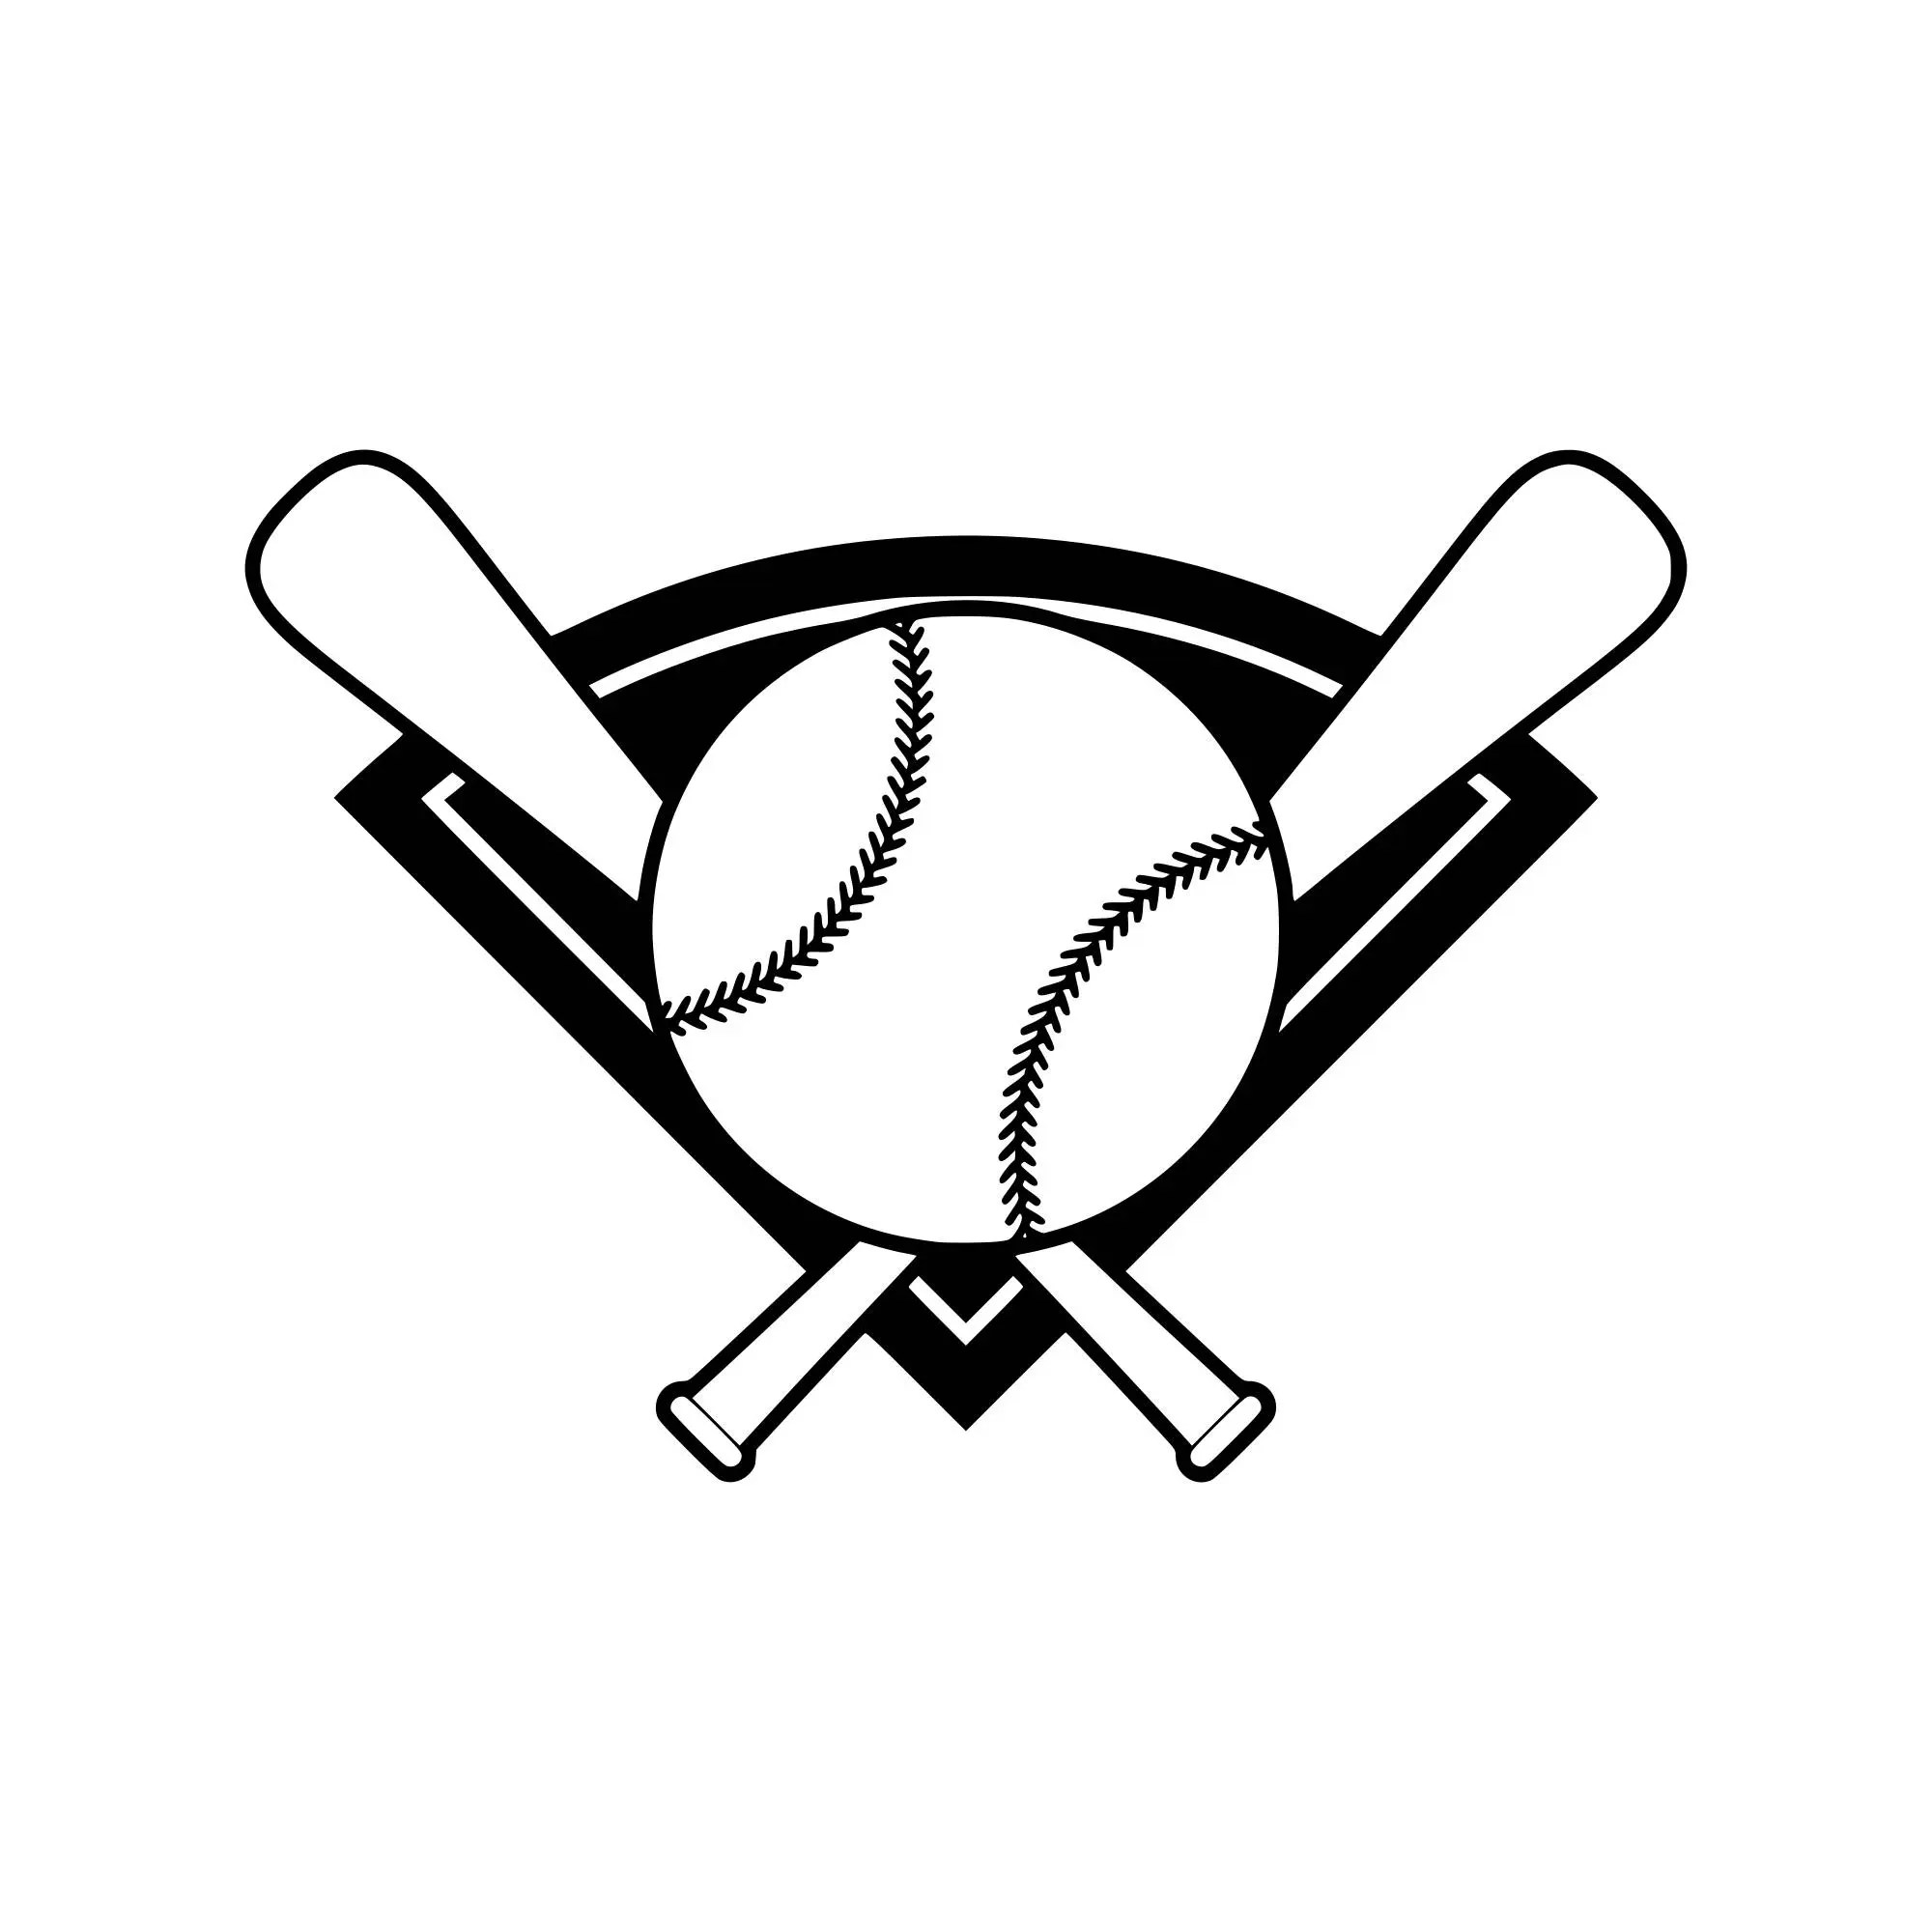 Baseball Bat Svg Baseball Svg Baseball Silhouette Baseball